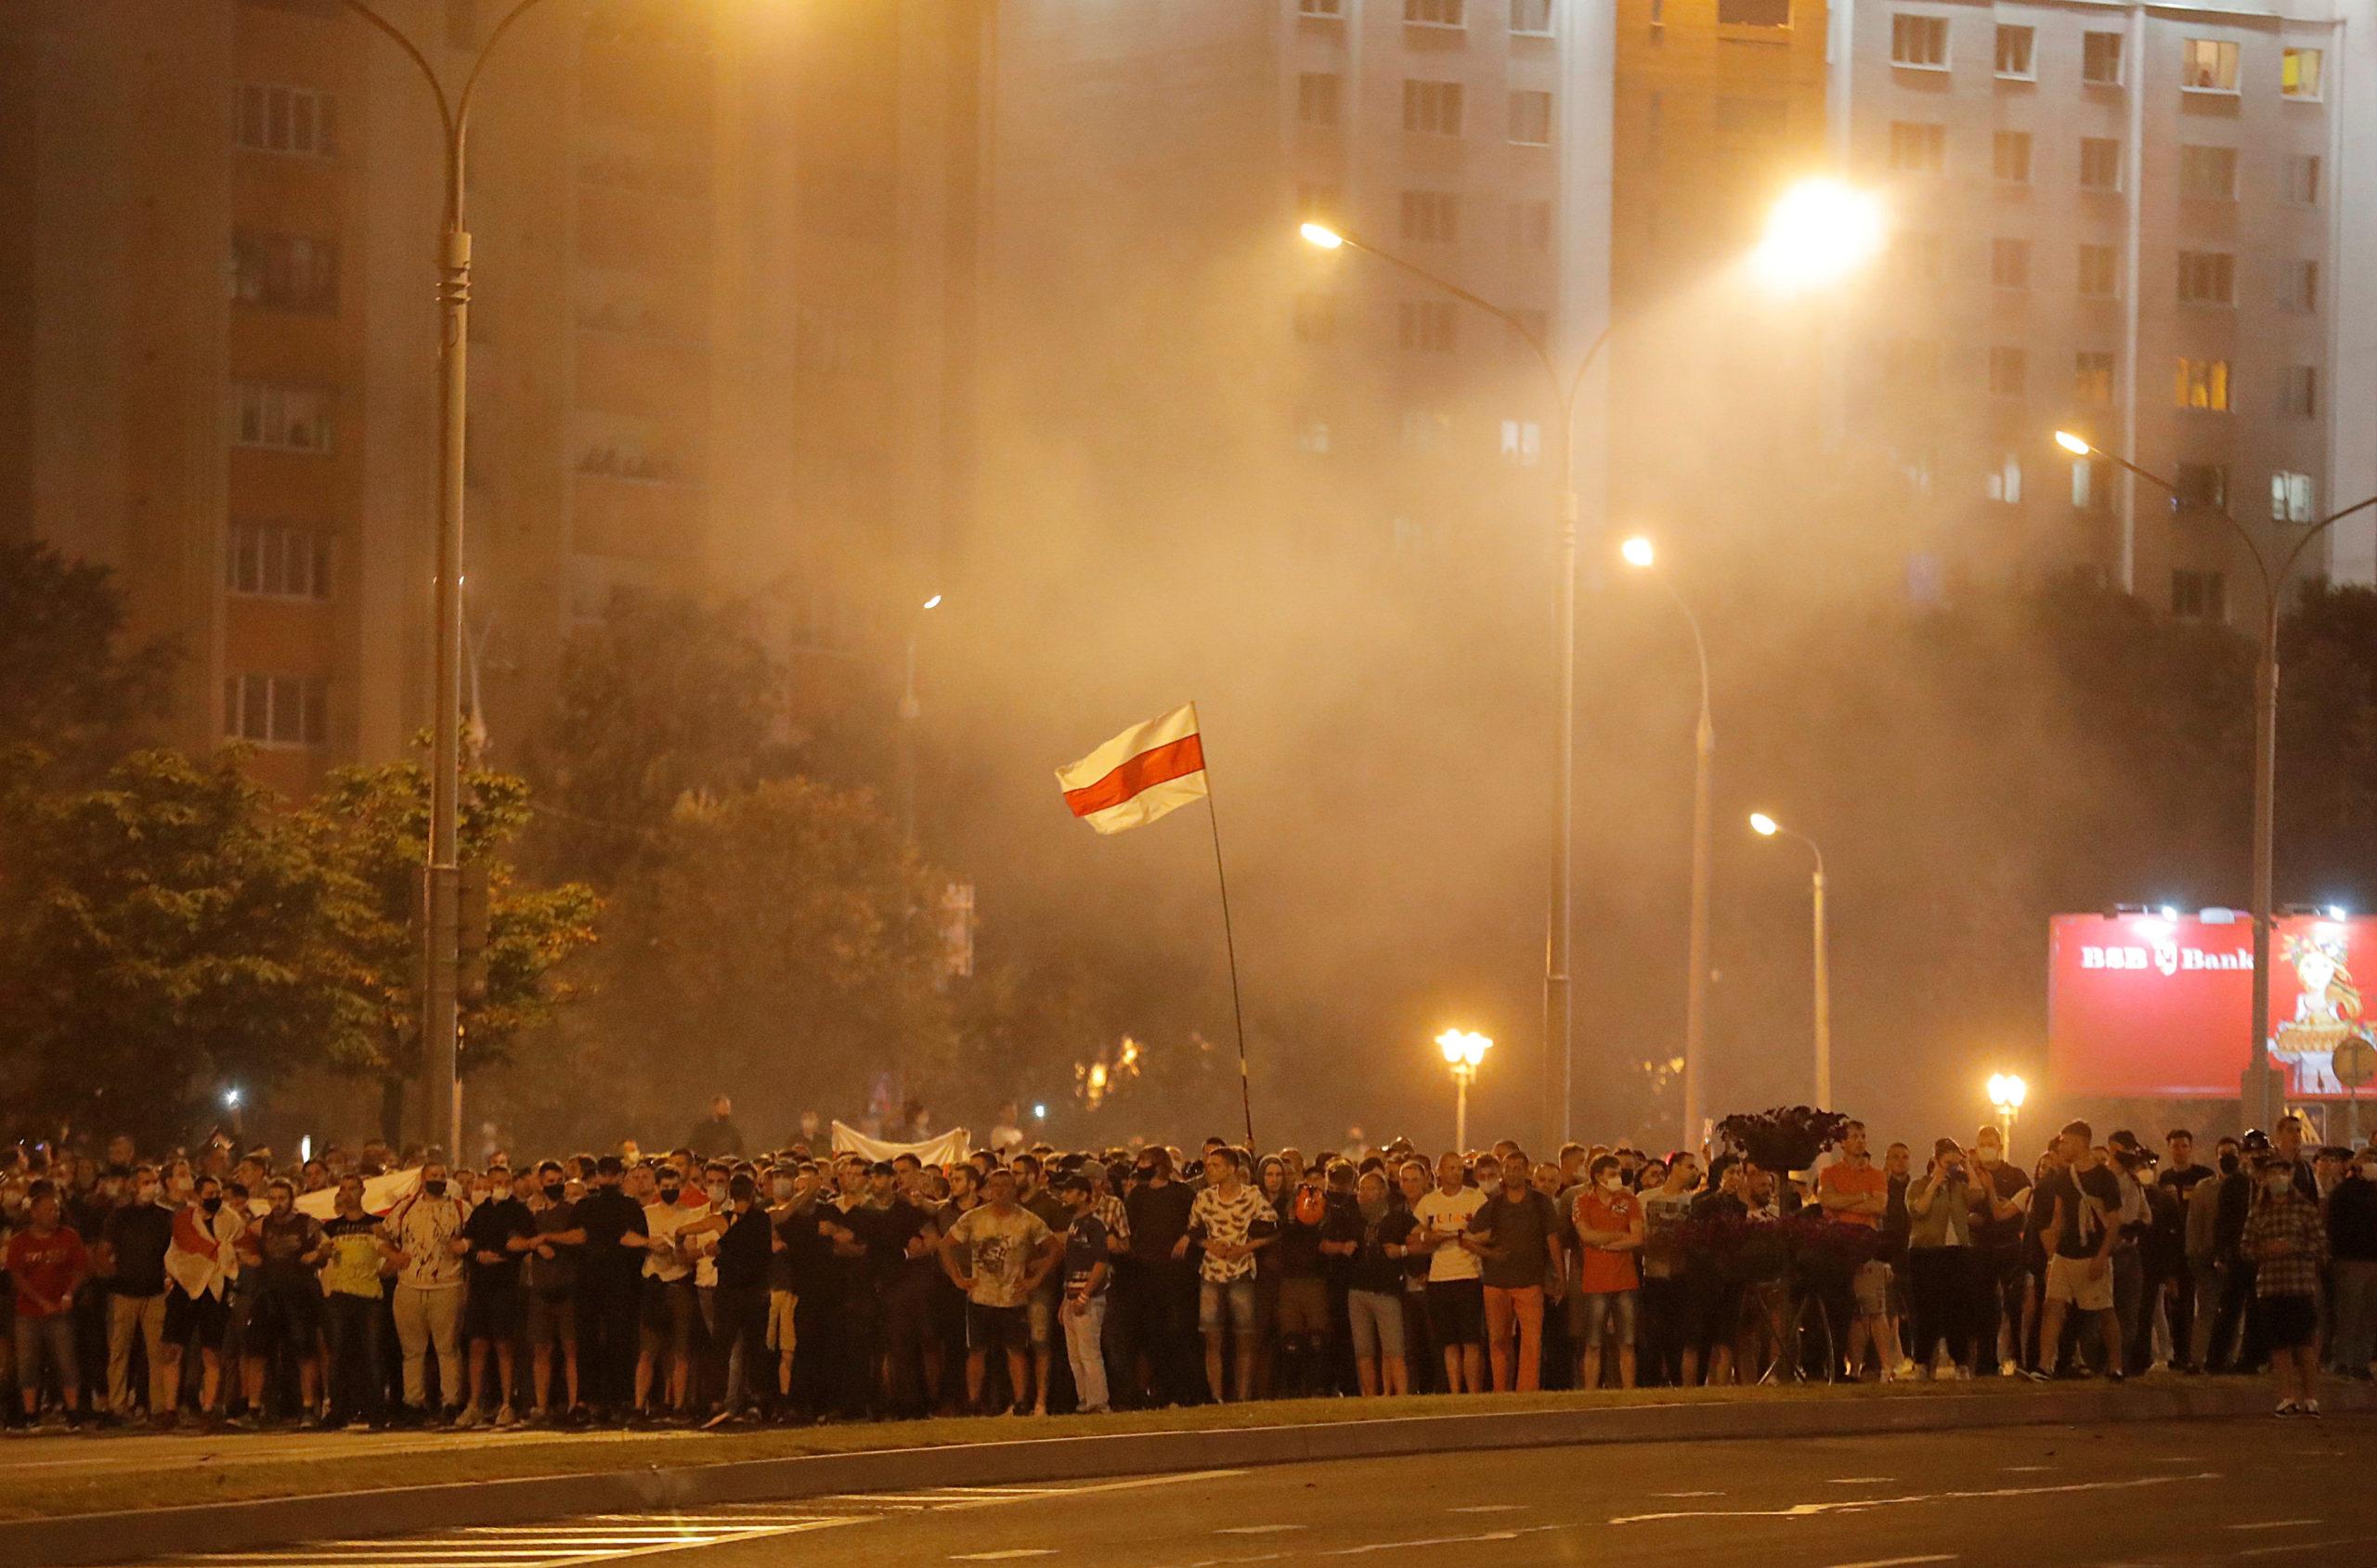 Протести в Мінську 2020